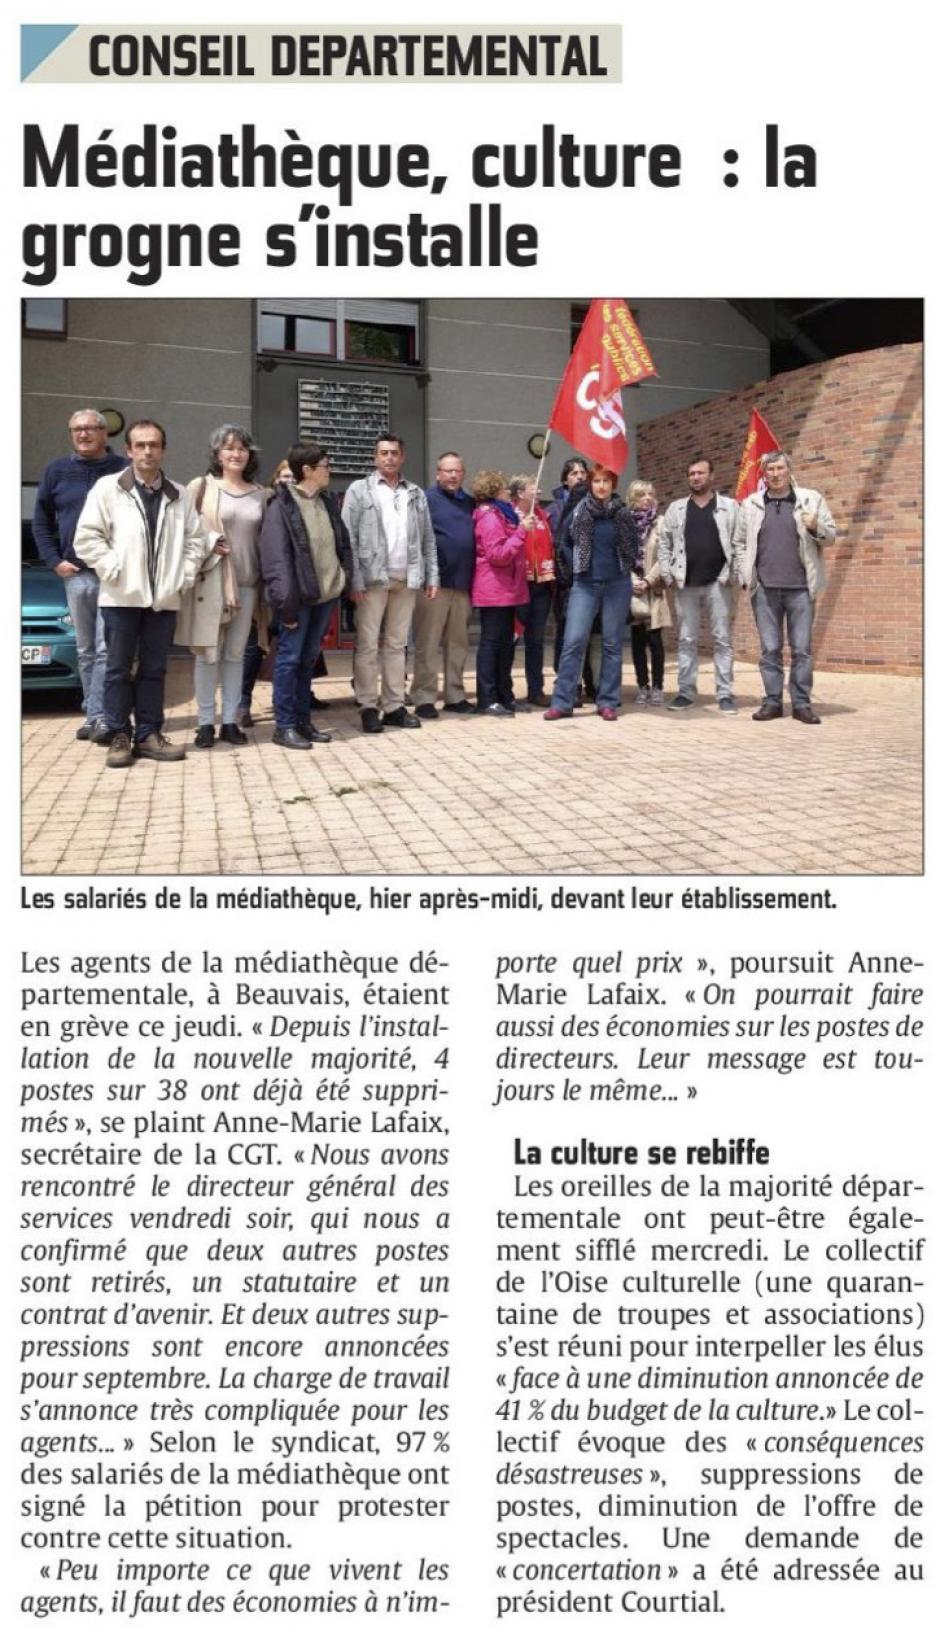 20160520-CP-Oise-Médiathèque, culture : la grogne s'installe